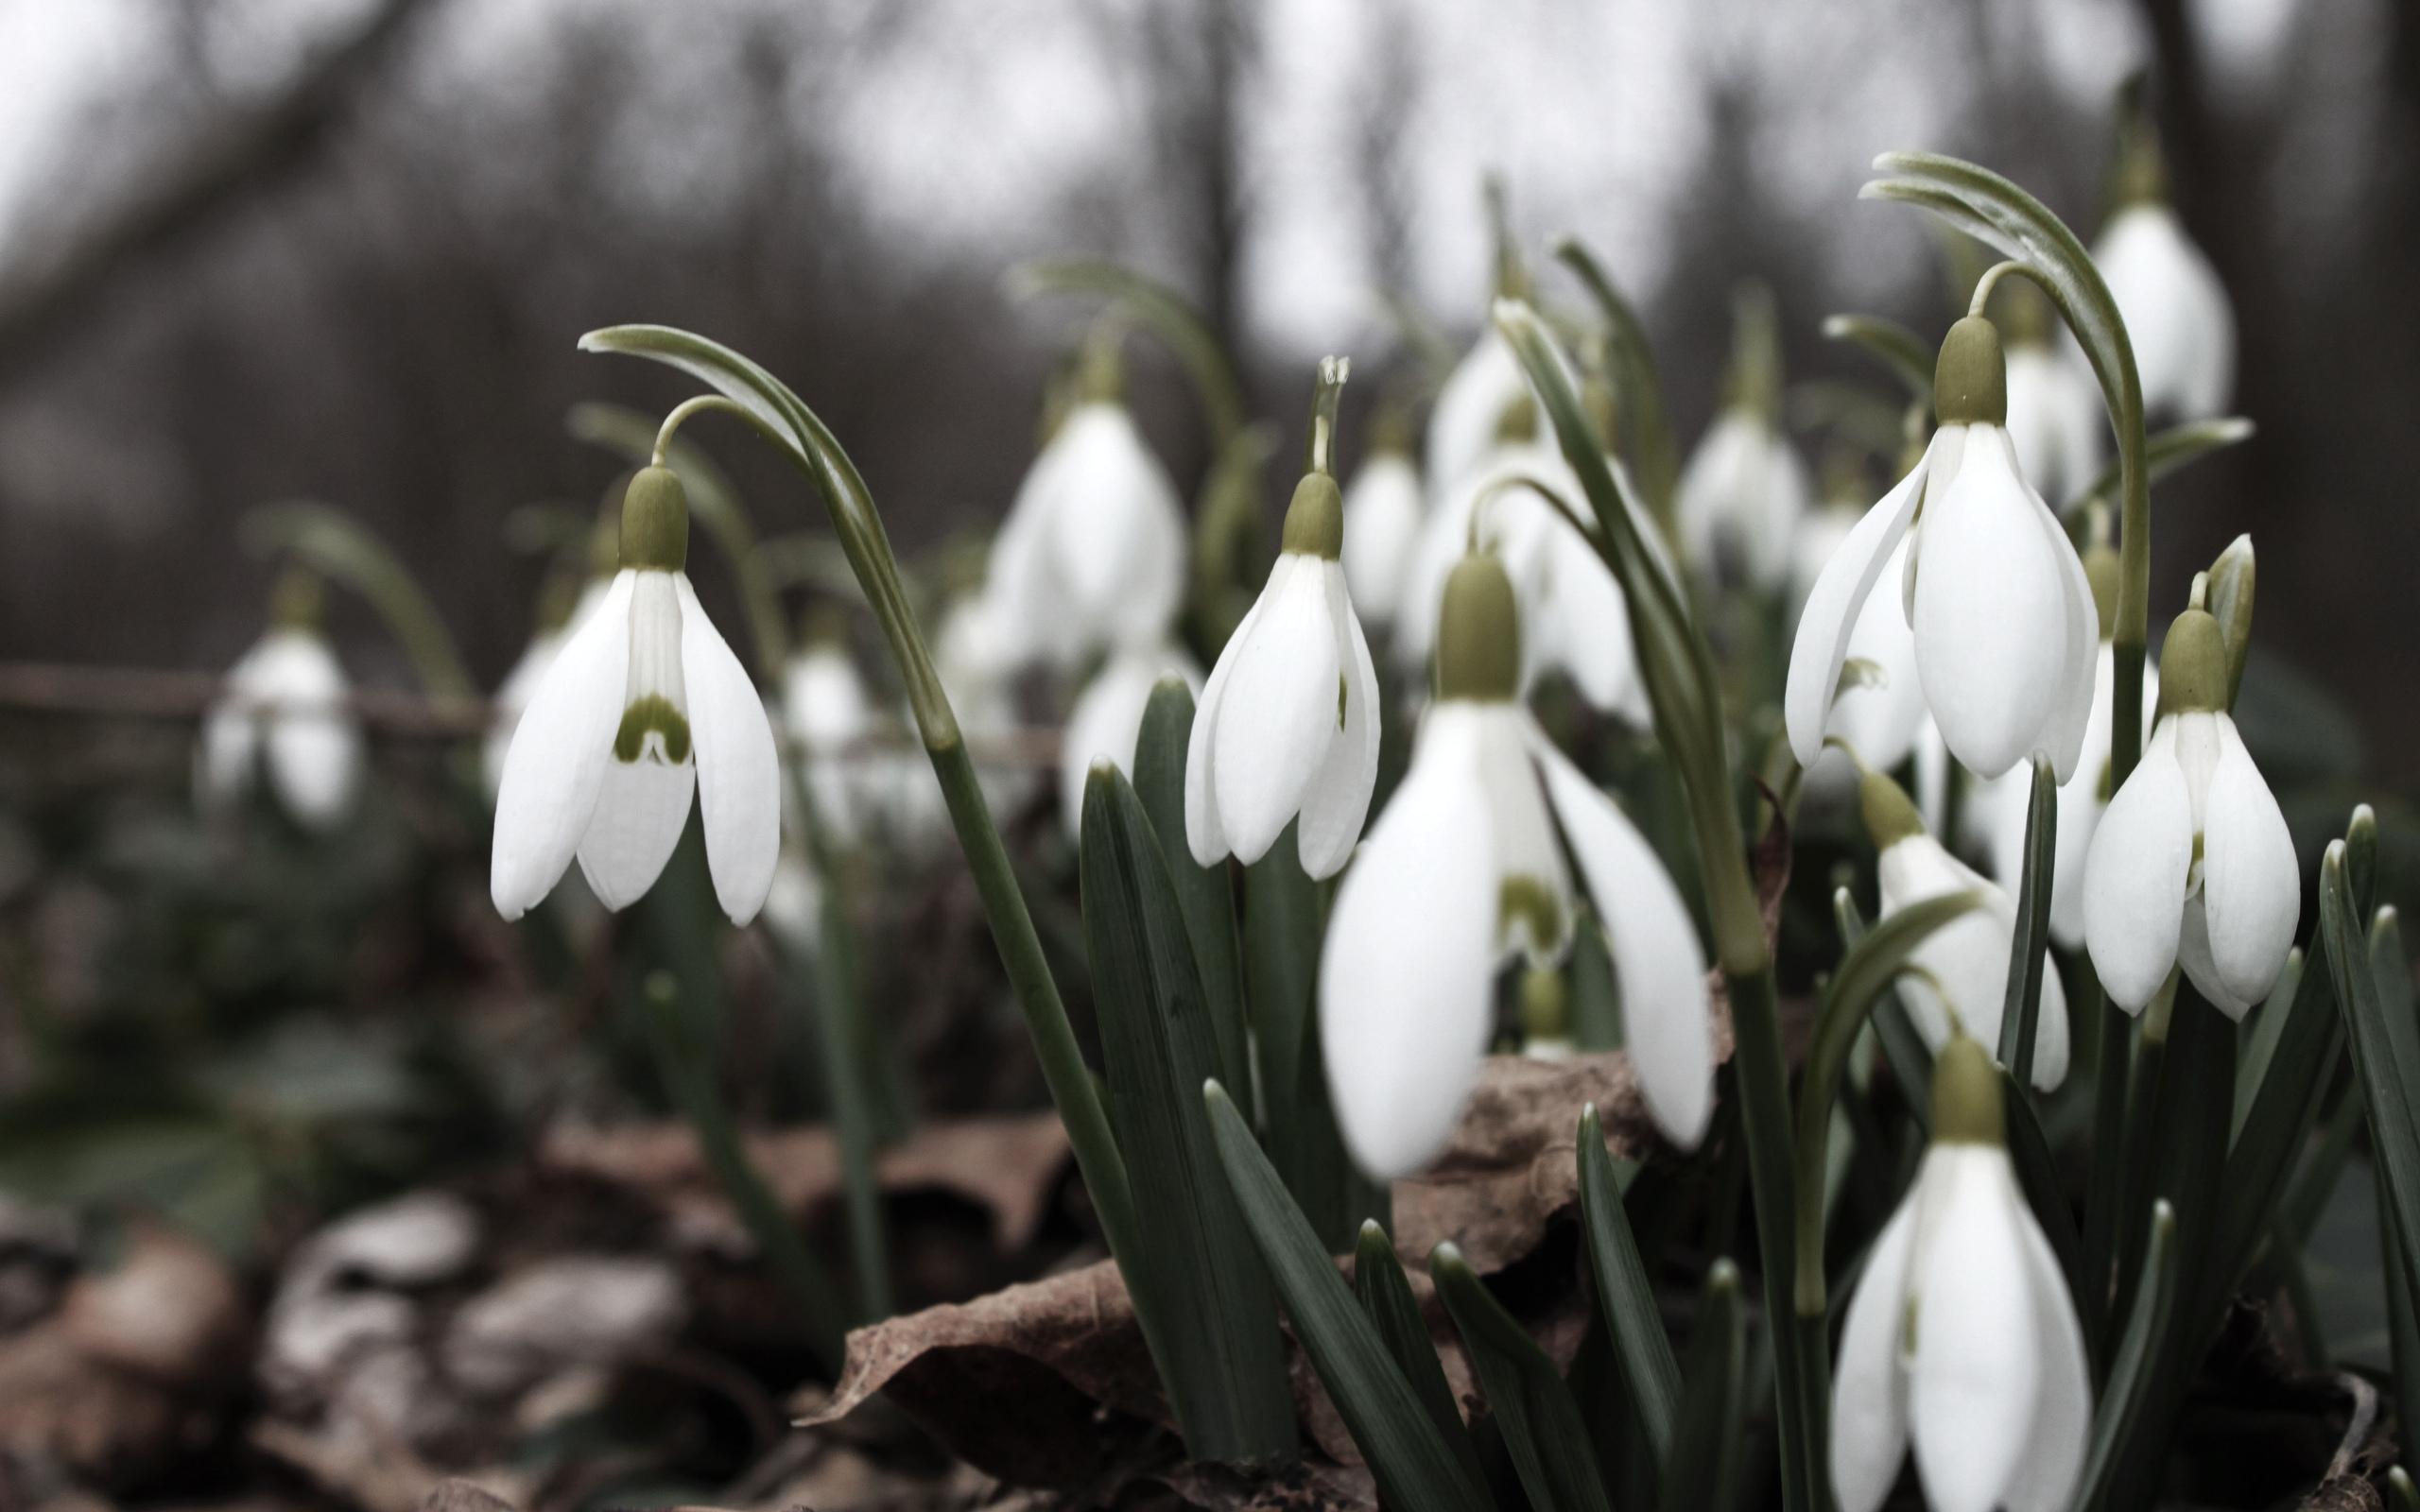 роль баты картинки на рабочий стол весна подснежники аспекты